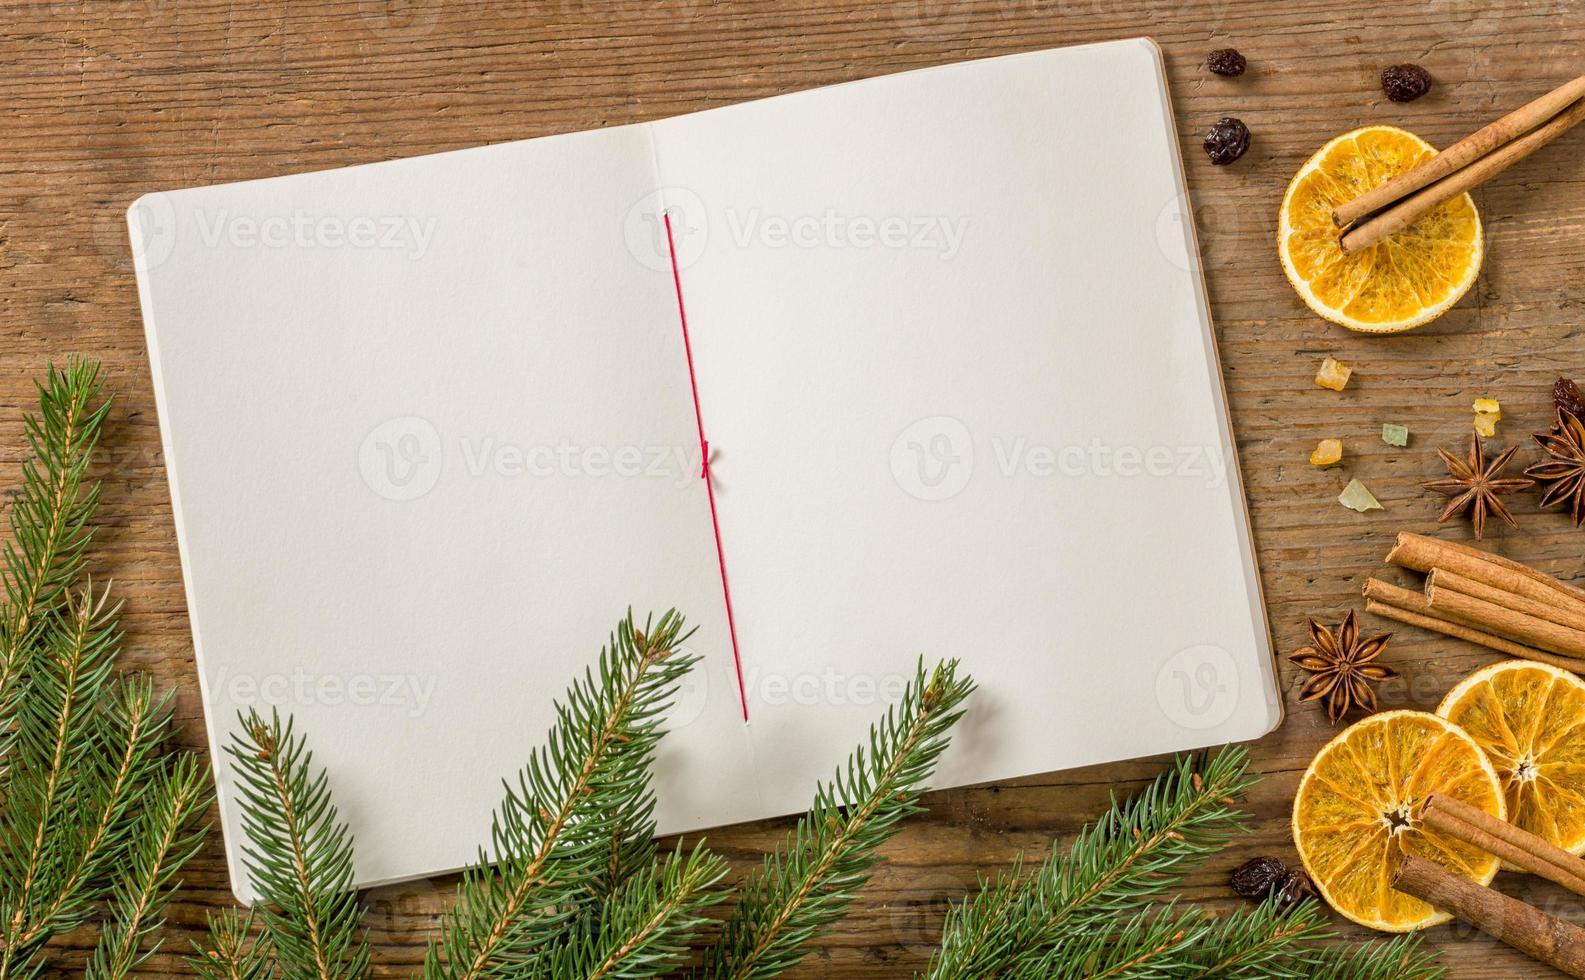 ricettario bianco con decorazioni natalizie foto